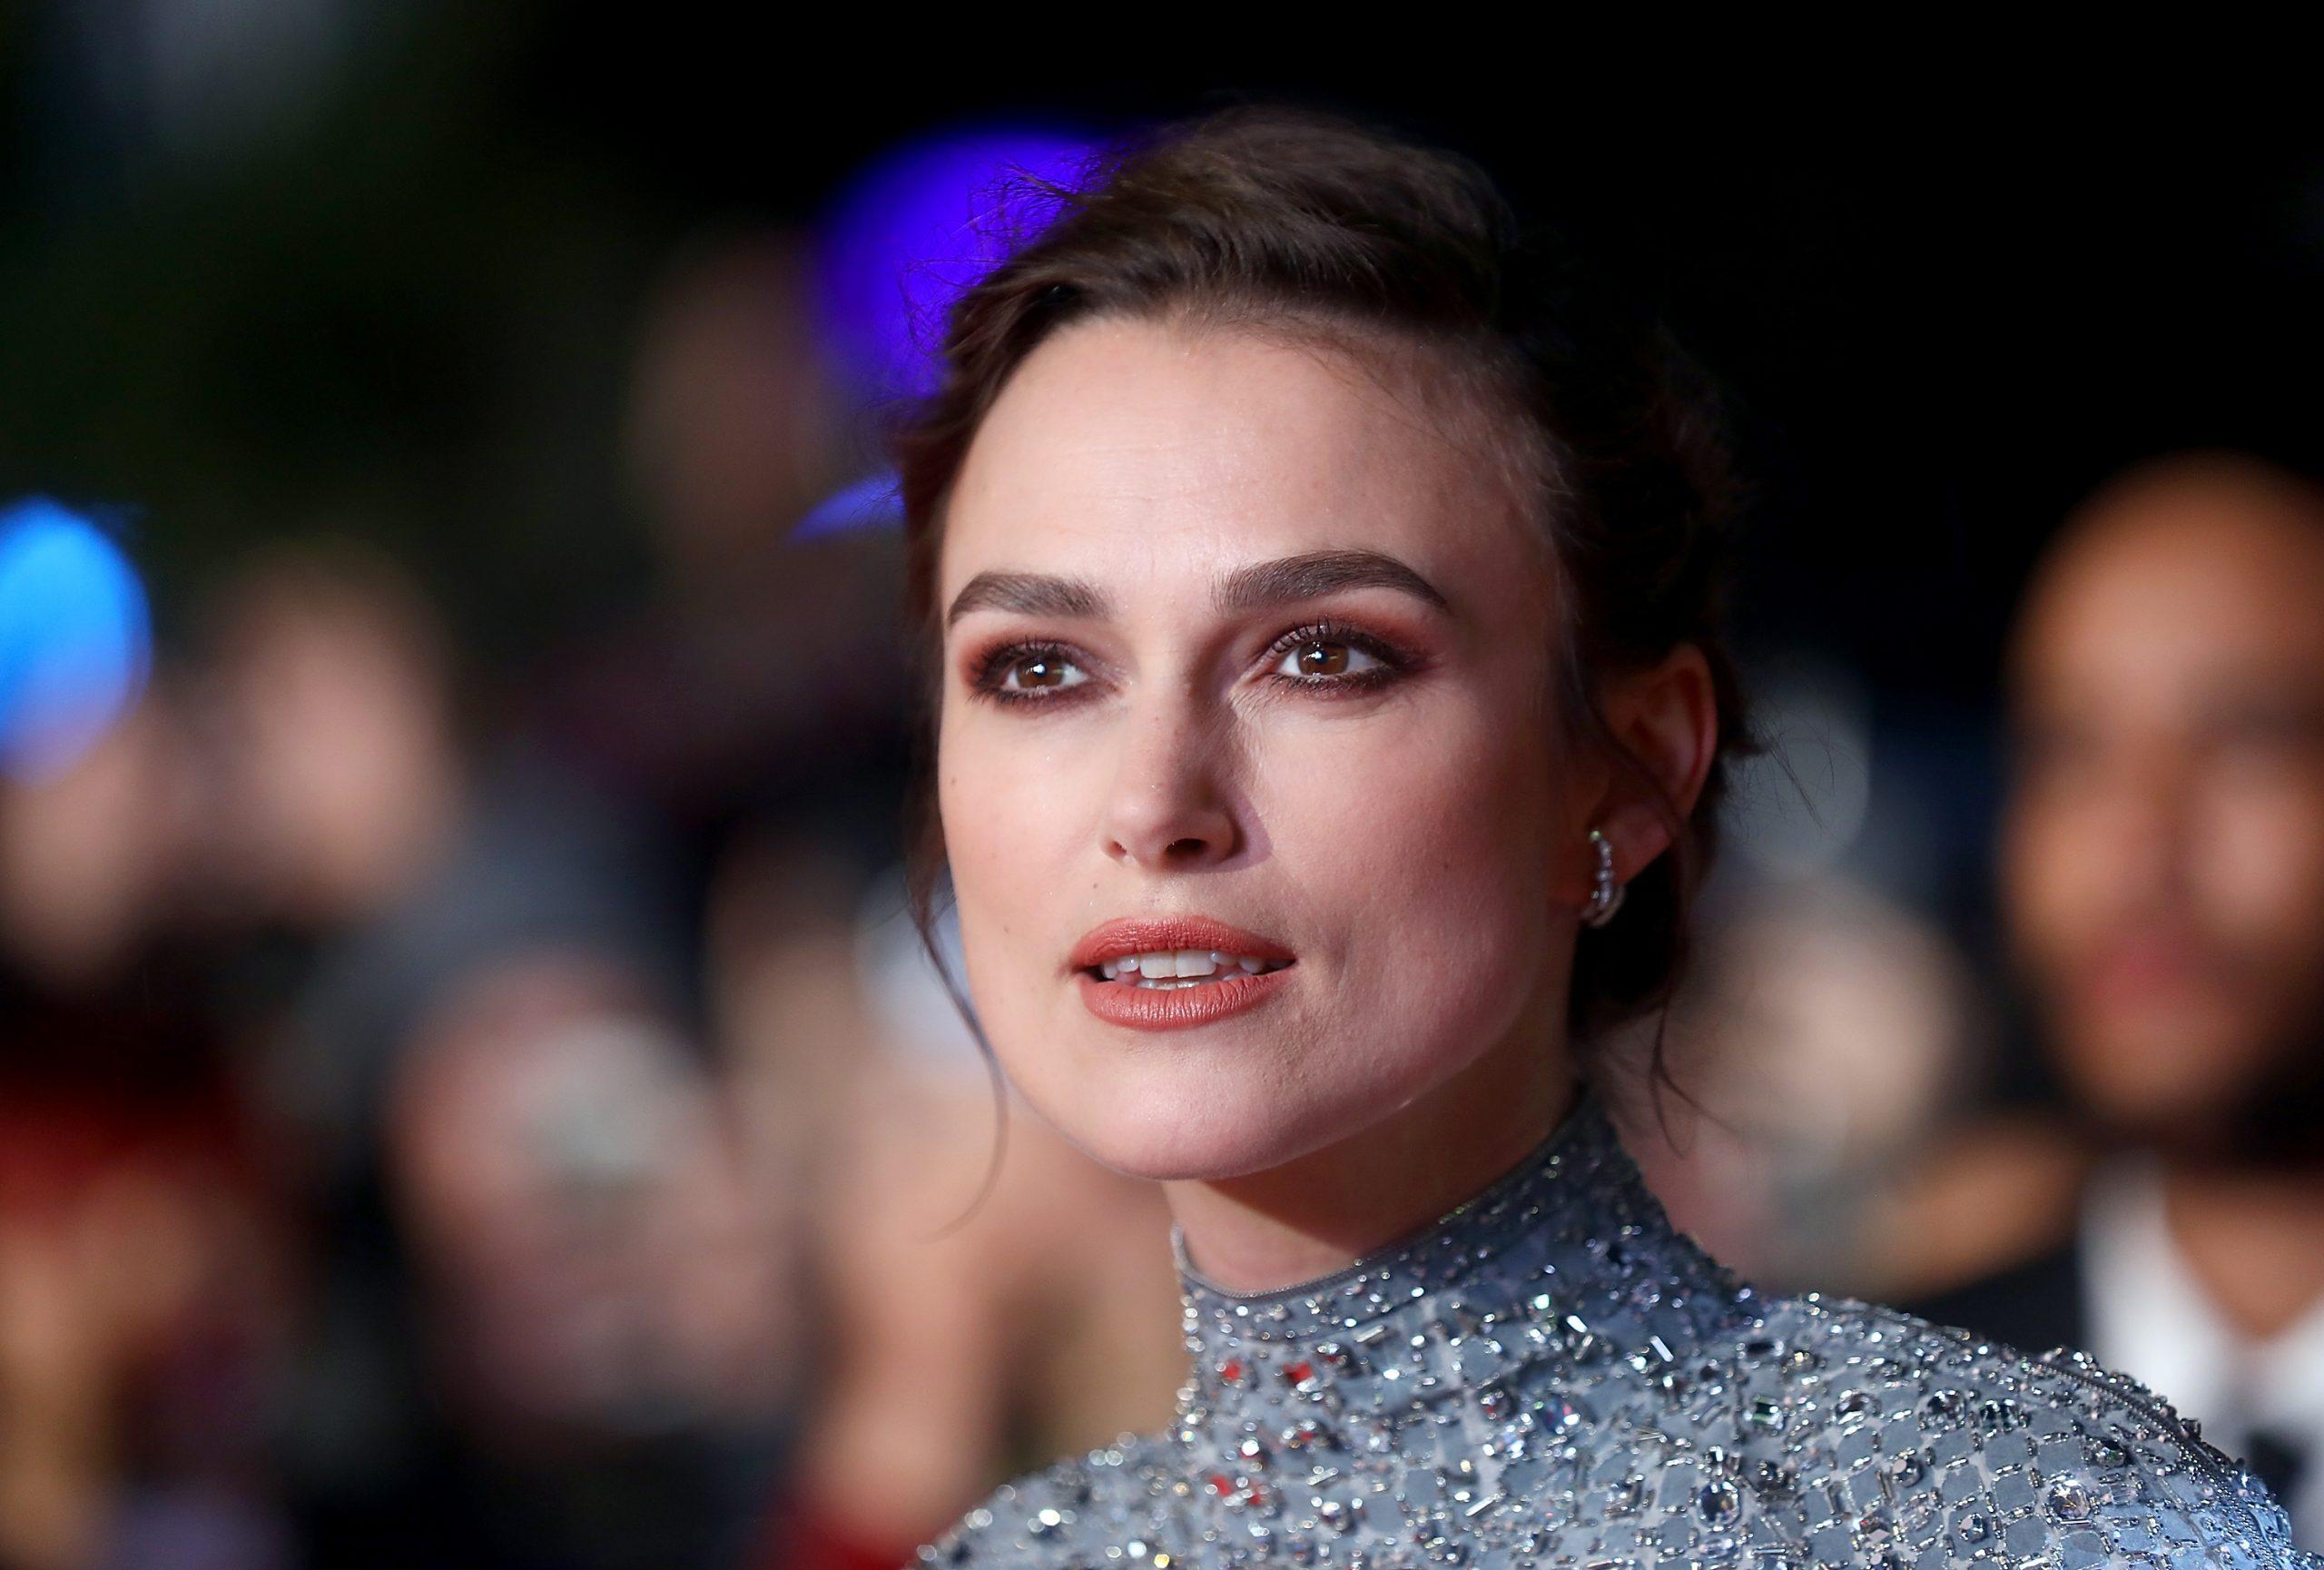 """""""No me interesa hacerlo"""": Keira Knightley no volverá a filmar escenas de sexo dirigidas por hombres"""